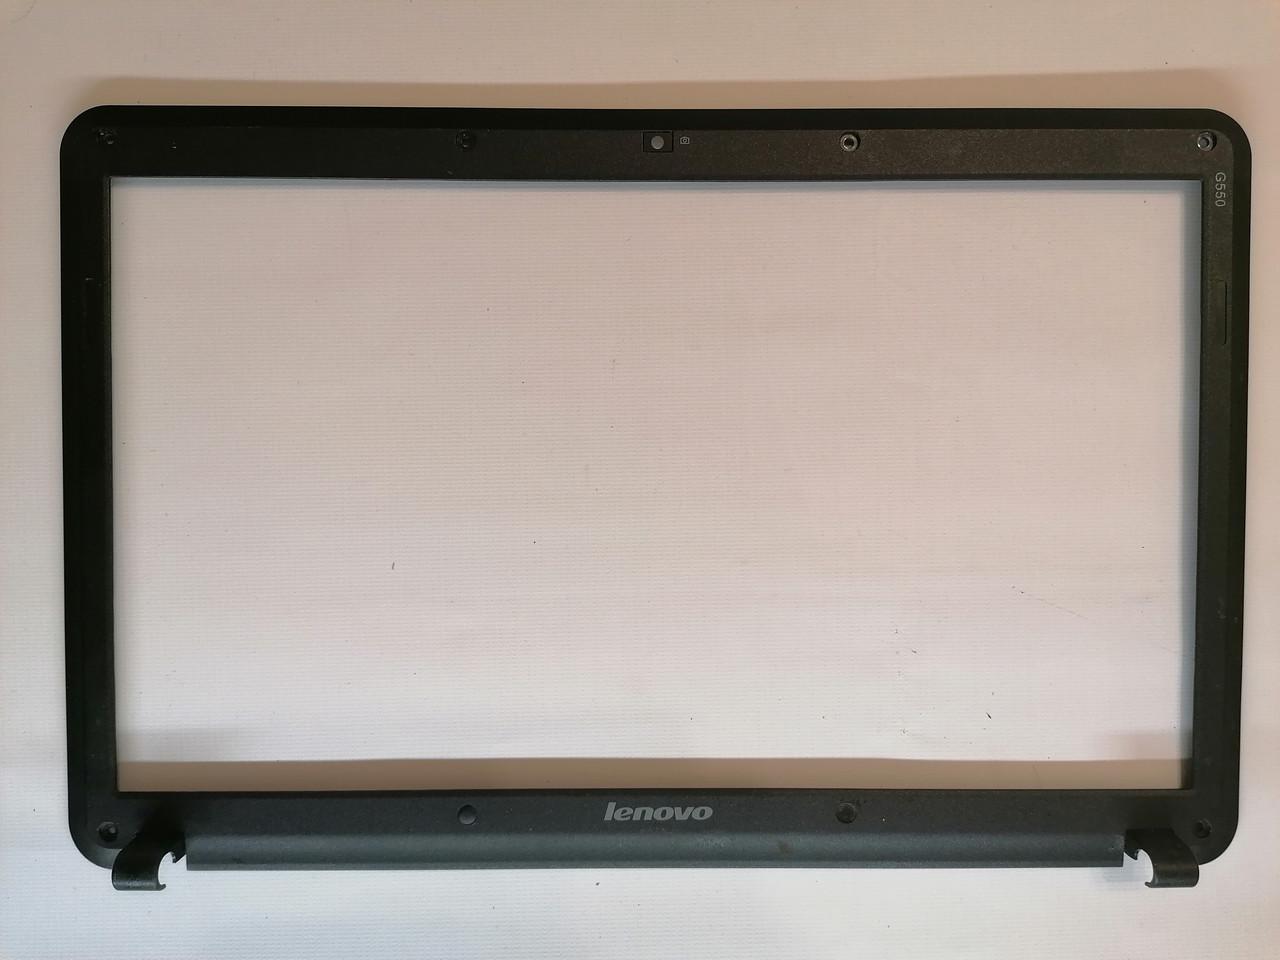 Б/У корпус рамка матрицы для LENOVO G550 (AP07W0006001)